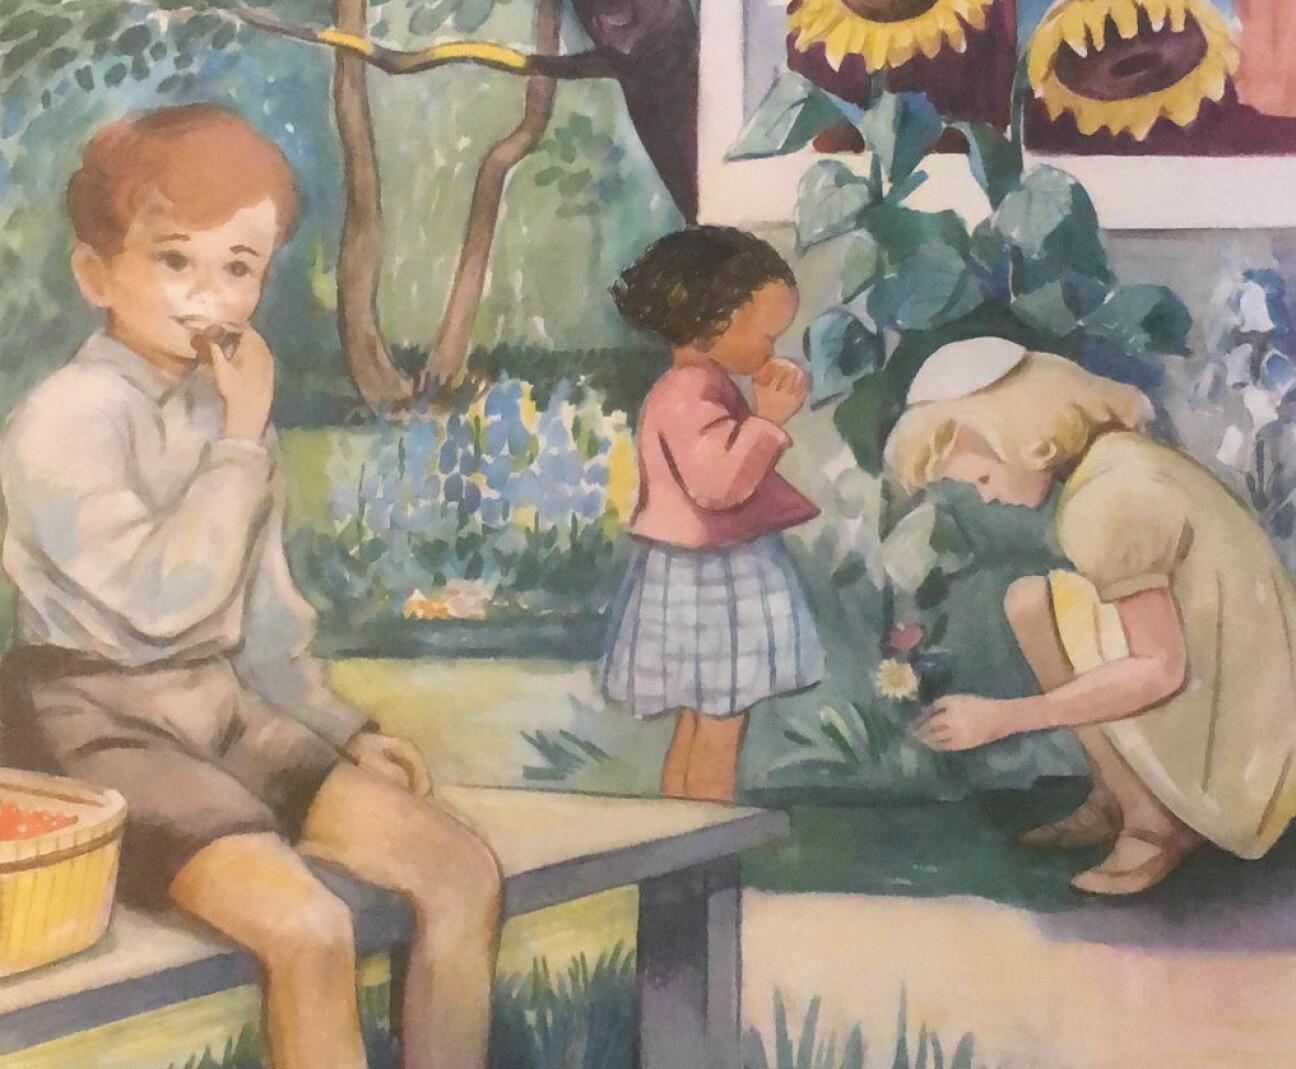 Ommålad kalenderbild. Tre barn mumsar på frukt och plockar blommor i en somrig trädgård. En av flickorna har getts mörk hud och svart, lockigt hår.